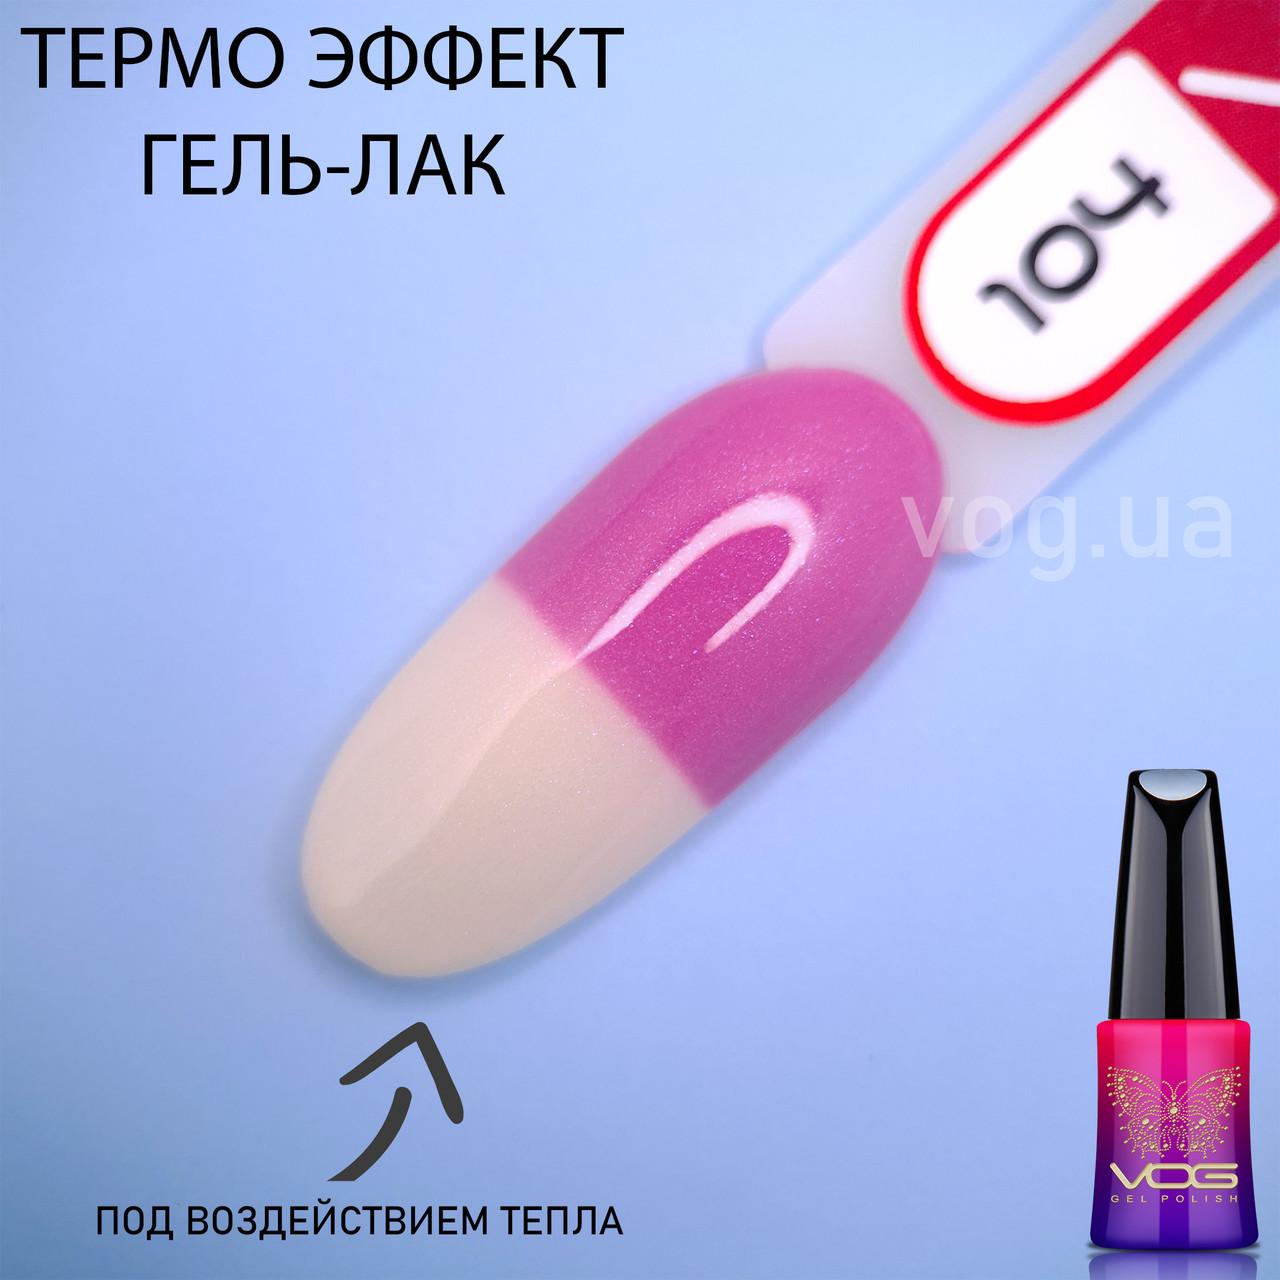 Термо- Гель-Лак №104 VOG США 12мл